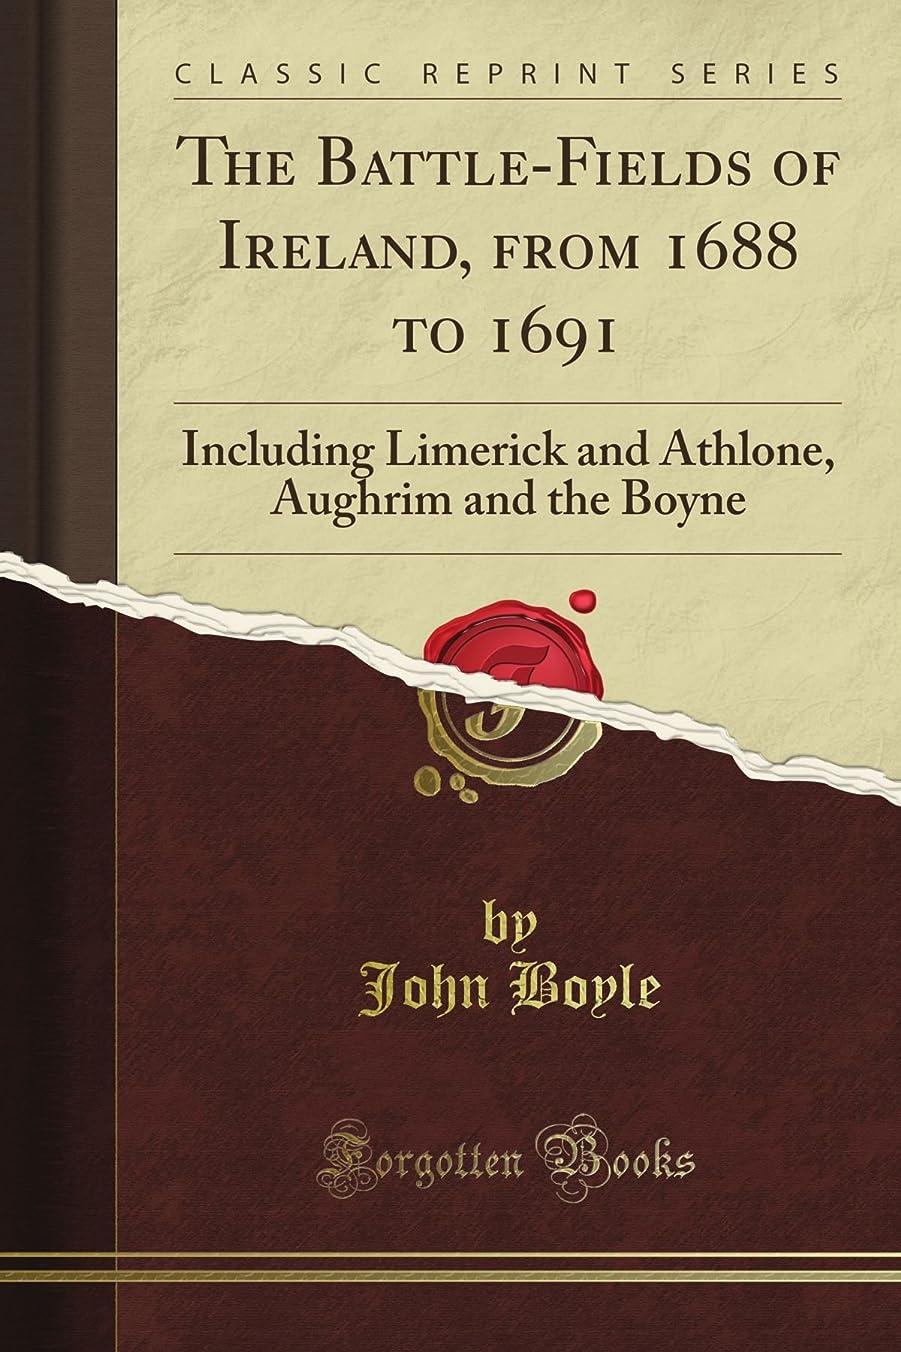 確認してください普及純度The Battle-Fields of Ireland, from 1688 to 1691: Including Limerick and Athlone, Aughrim and the Boyne (Classic Reprint)